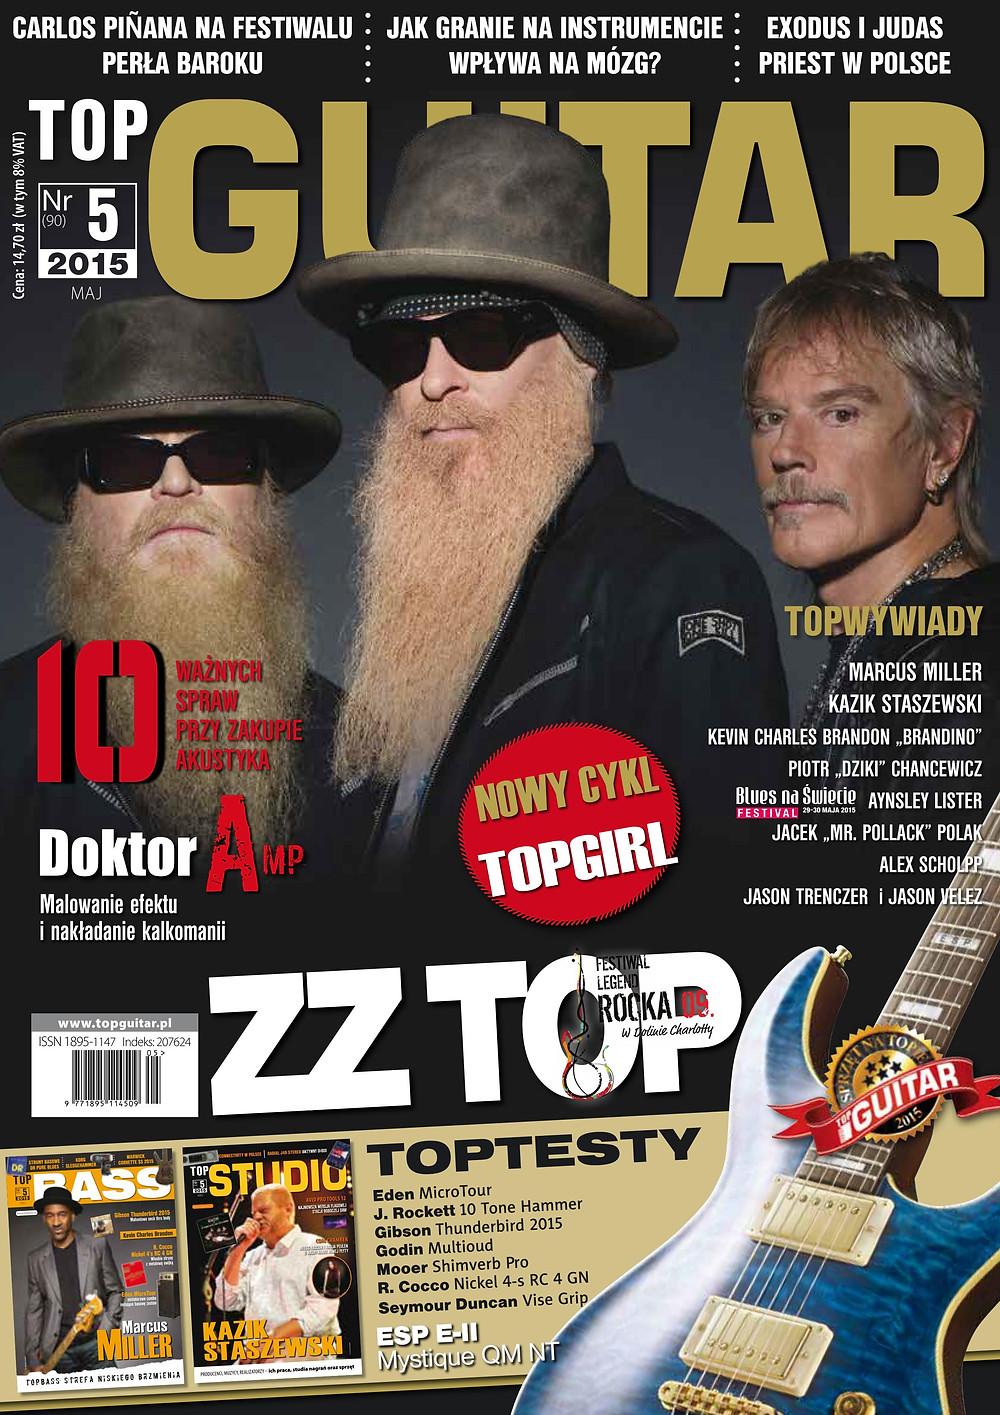 TopGuitar_05-2015_cover_front.jpg